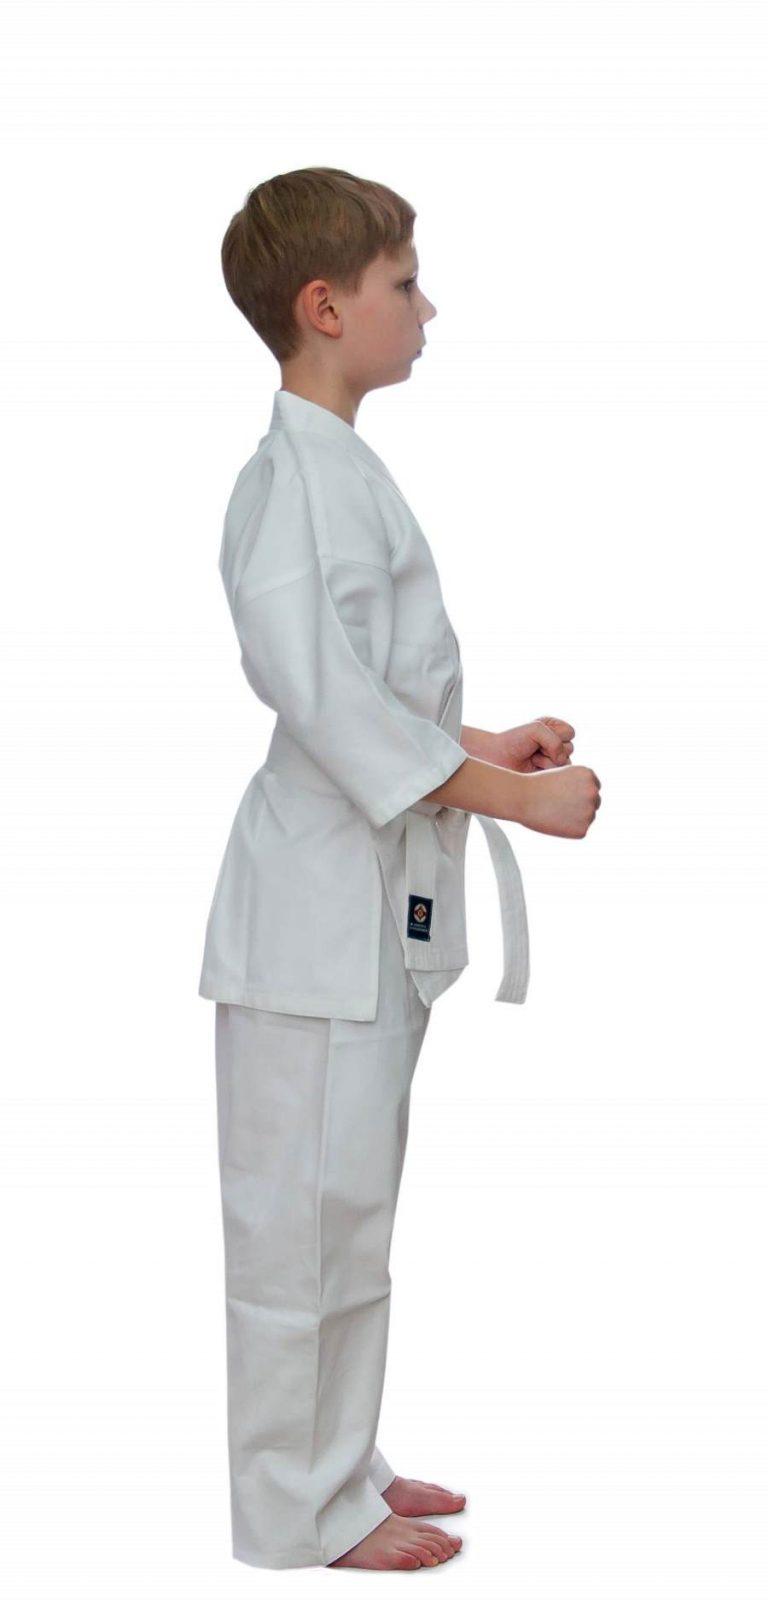 детское кимоно киокушинкай купить